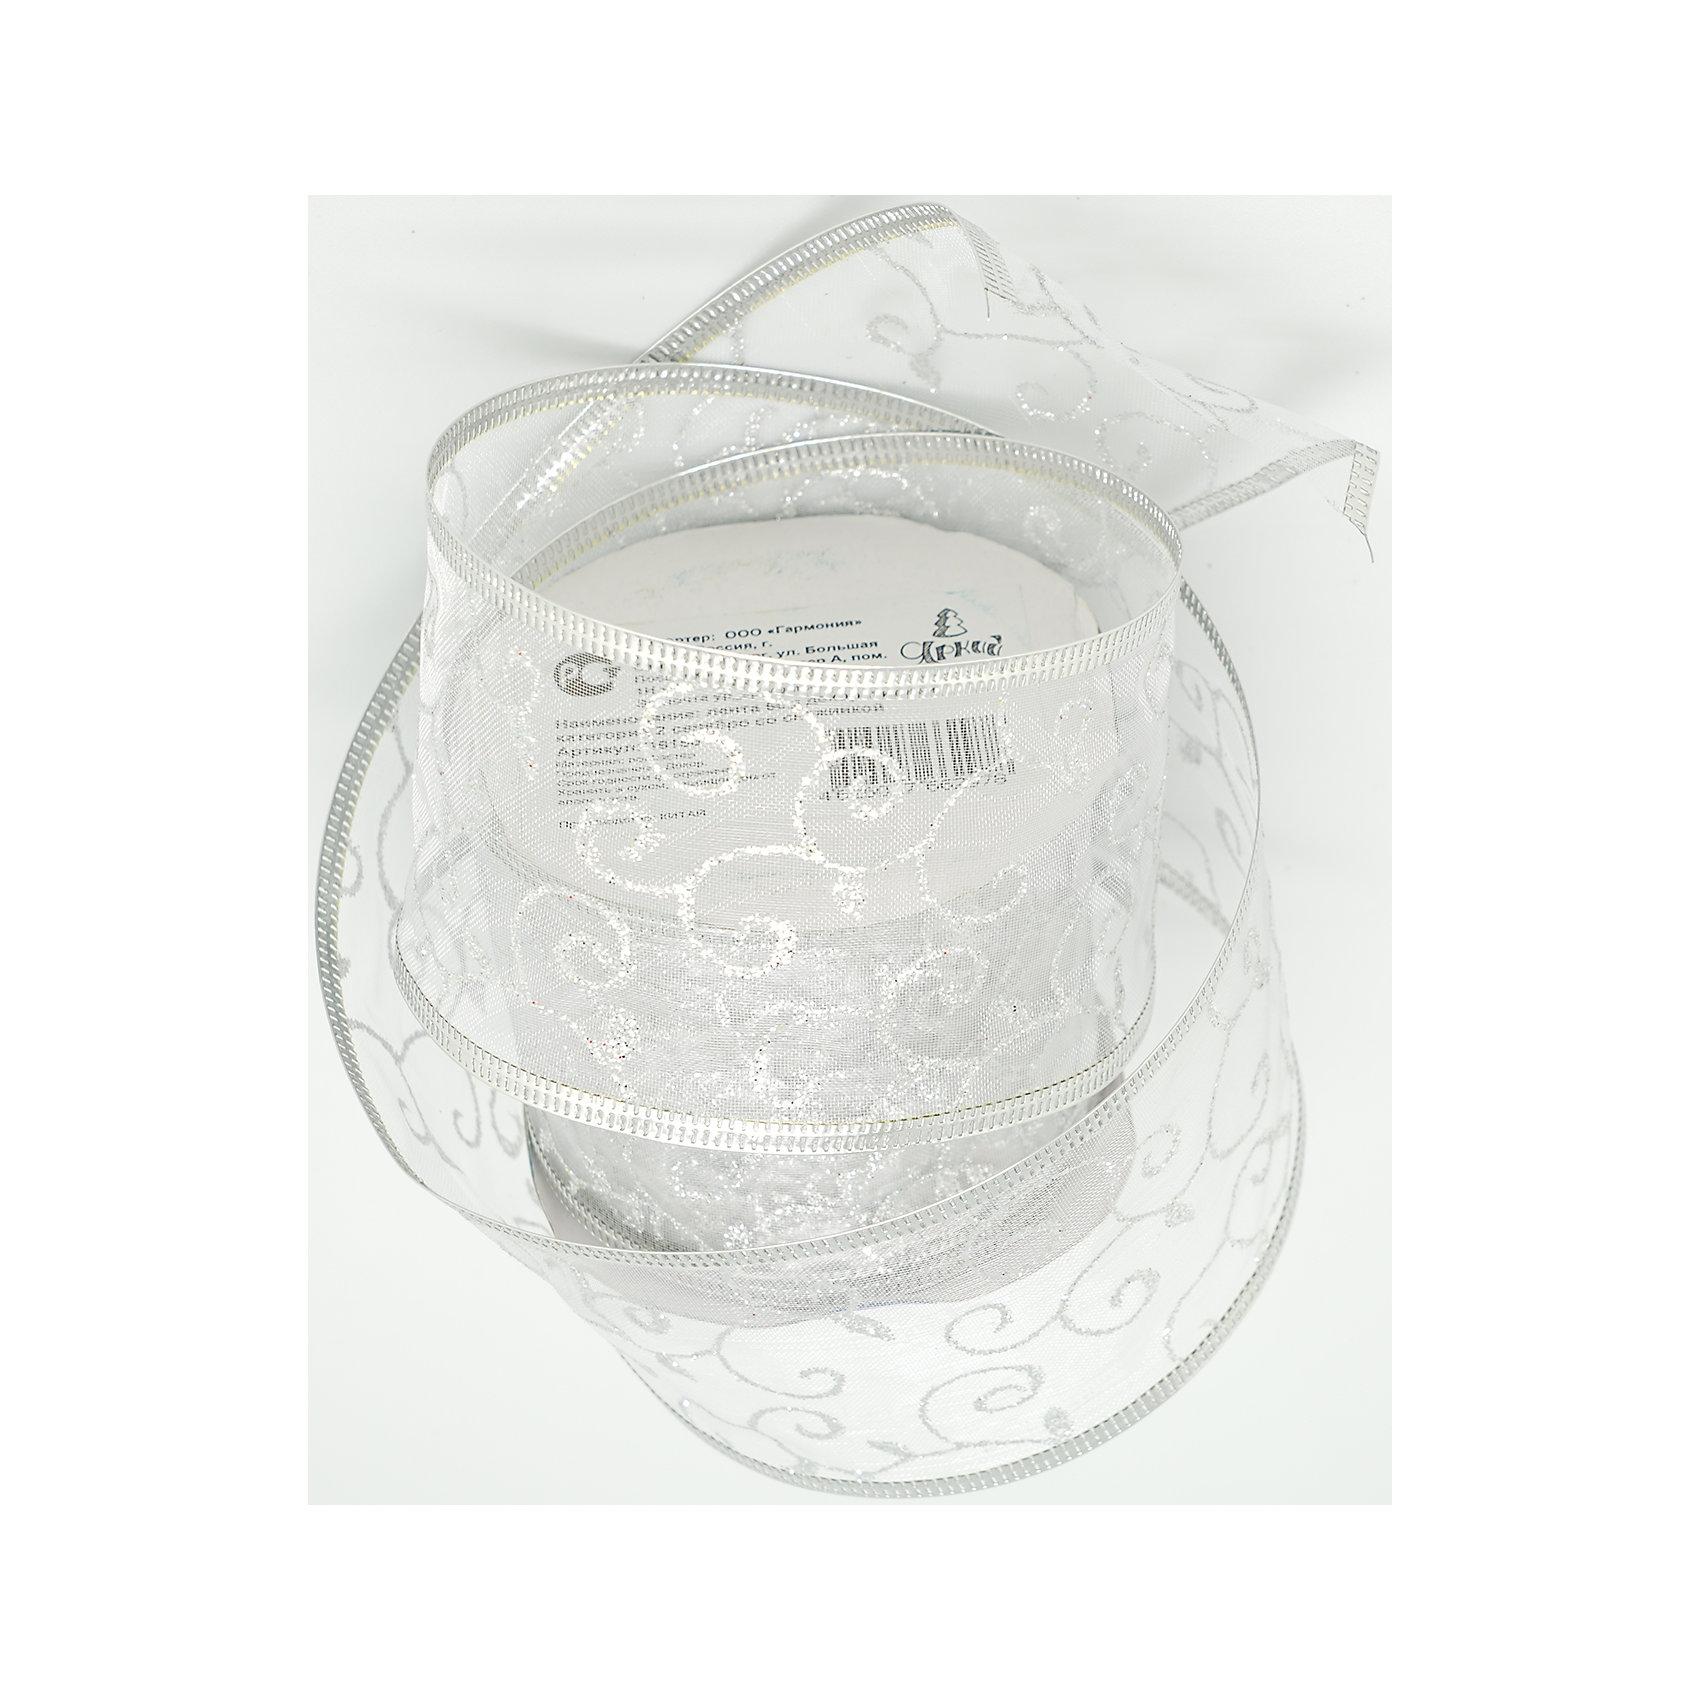 Декоративная лента, серебро со снежинкой (0,08Х0,08Х0,06 м)Всё для праздника<br>Характеристики товара:<br><br>• цвет: серебристый<br>• ширина: 6 см<br>• размер упаковки: 8х8х6 см<br>• комплектация: 1 рулон<br>• материал: нейлон<br>• прозрачная<br>• для украшения интерьера или подарков<br>• страна производства: Китай<br><br>Бант из ленты - это универсальное украшение, он добавит торжественности и духа праздника прическе, интерьеру, подарочной упаковке, ёлке! Это украшение будет отлично смотреться в окружении любой цветовой гаммы, оно качественно выполнено и нарядно смотрится. С помощью такой ленты можно оригинально украсить ёлку к празднику и декорировать пакет или коробку с подарком.<br>Такие небольшие детали и создают праздник! От них во многом зависит хорошее новогоднее настроение. Изделие производится из качественных сертифицированных материалов, безопасных даже для самых маленьких.<br><br>Декоративную ленту (0,08Х0,08Х0,06м) можно купить в нашем интернет-магазине.<br><br>Ширина мм: 80<br>Глубина мм: 80<br>Высота мм: 60<br>Вес г: 70<br>Возраст от месяцев: 72<br>Возраст до месяцев: 480<br>Пол: Унисекс<br>Возраст: Детский<br>SKU: 5051656